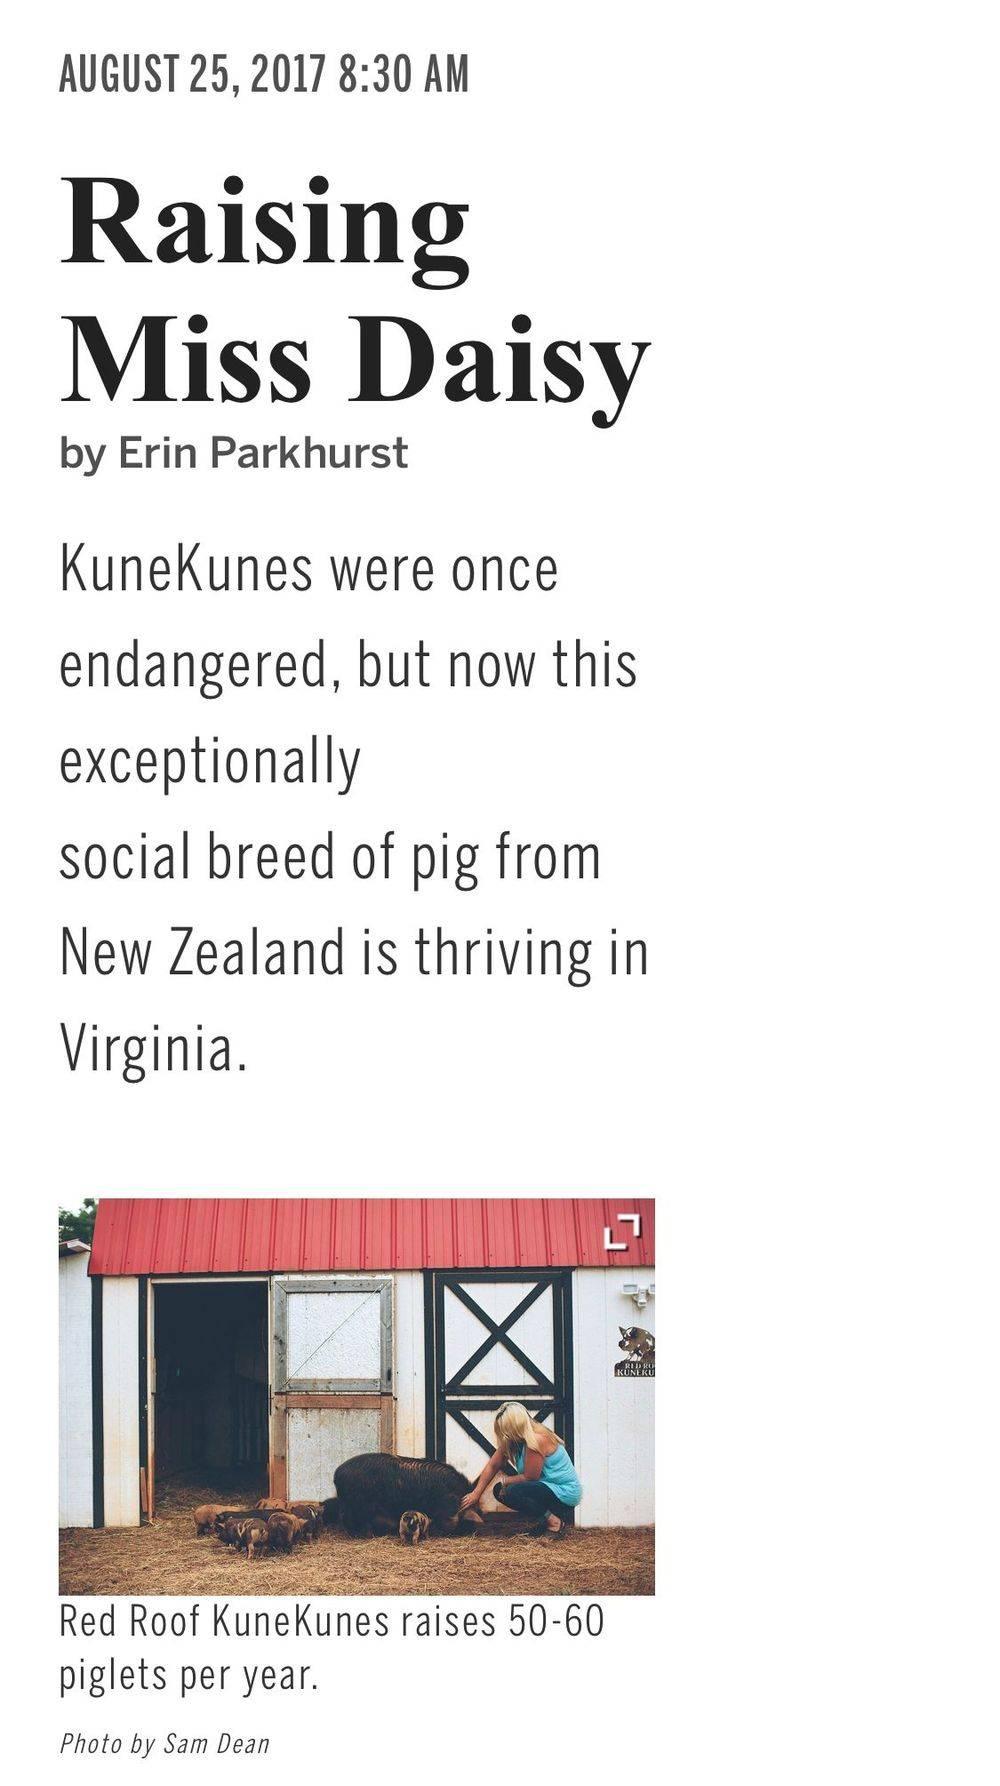 Red Roof KuneKune breeder KuneKunes for sale